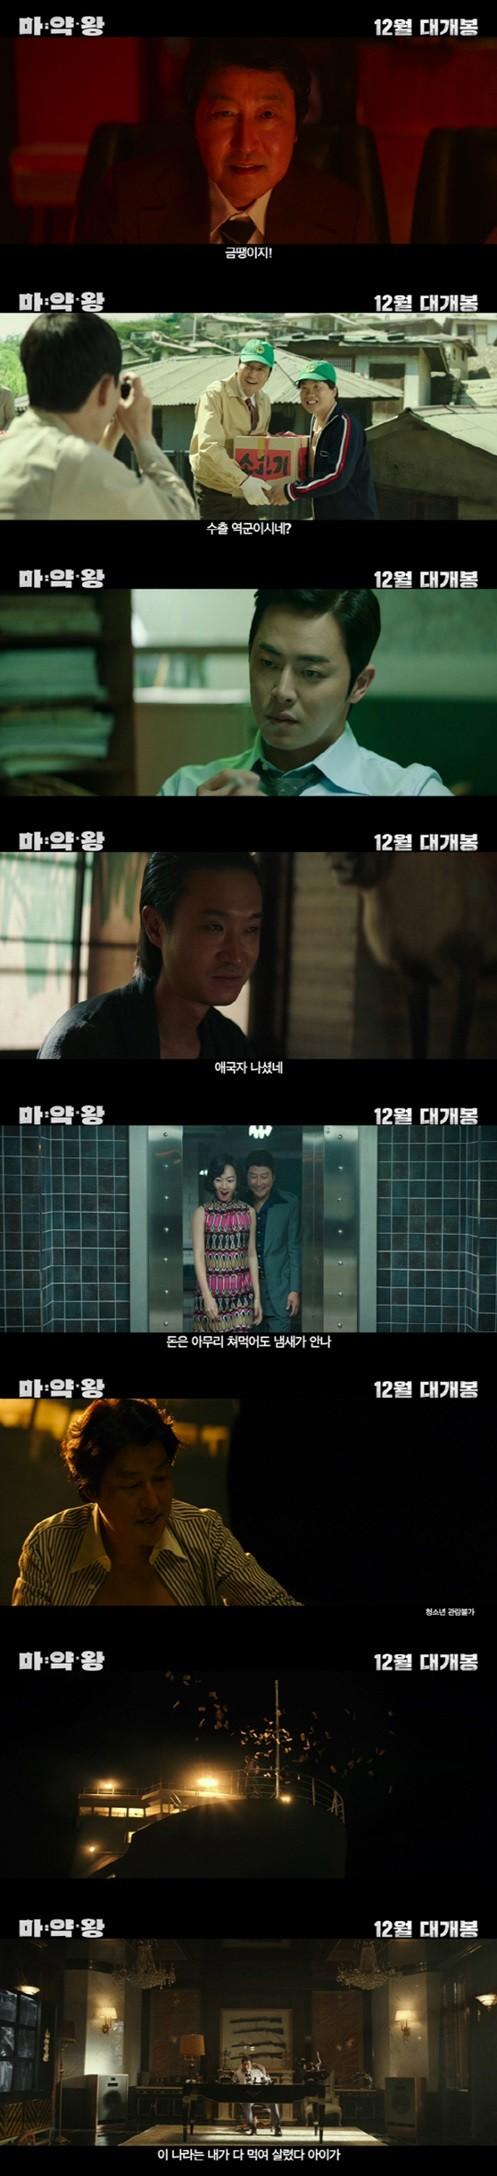 송강호 '마약왕', 12월 19일 개봉...`압도적 아우라` 예고편 공개